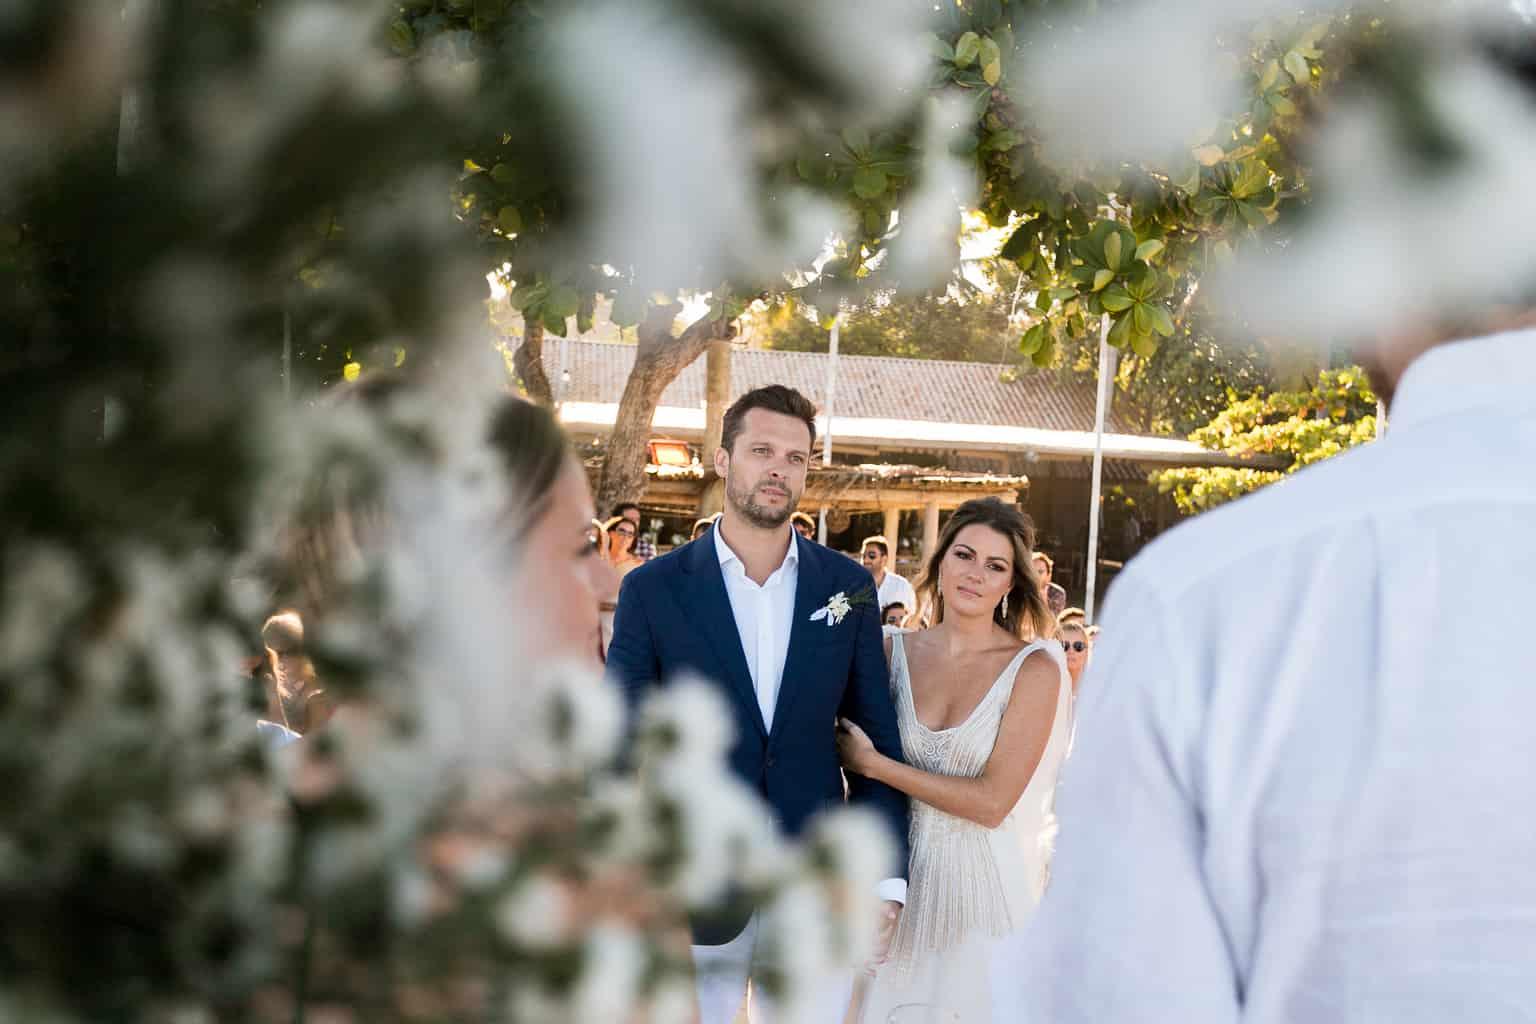 Casamento-Victoria-e-Christian-Fotografia-Tiago-Saldanha-Cerimônia345_MG_2513